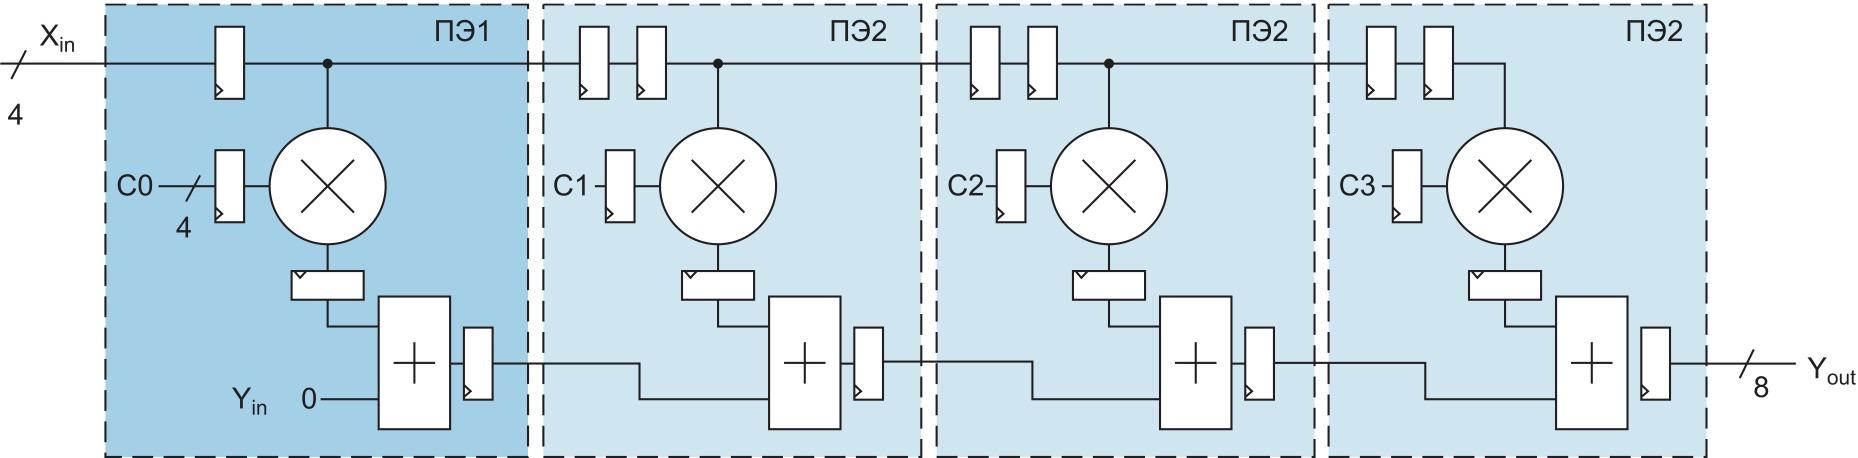 Систолический КИХ-фильтр на четыре отвода, составленный из четырех секций DSP48 ПЛИС Virtex-4 фирмы Xilinx